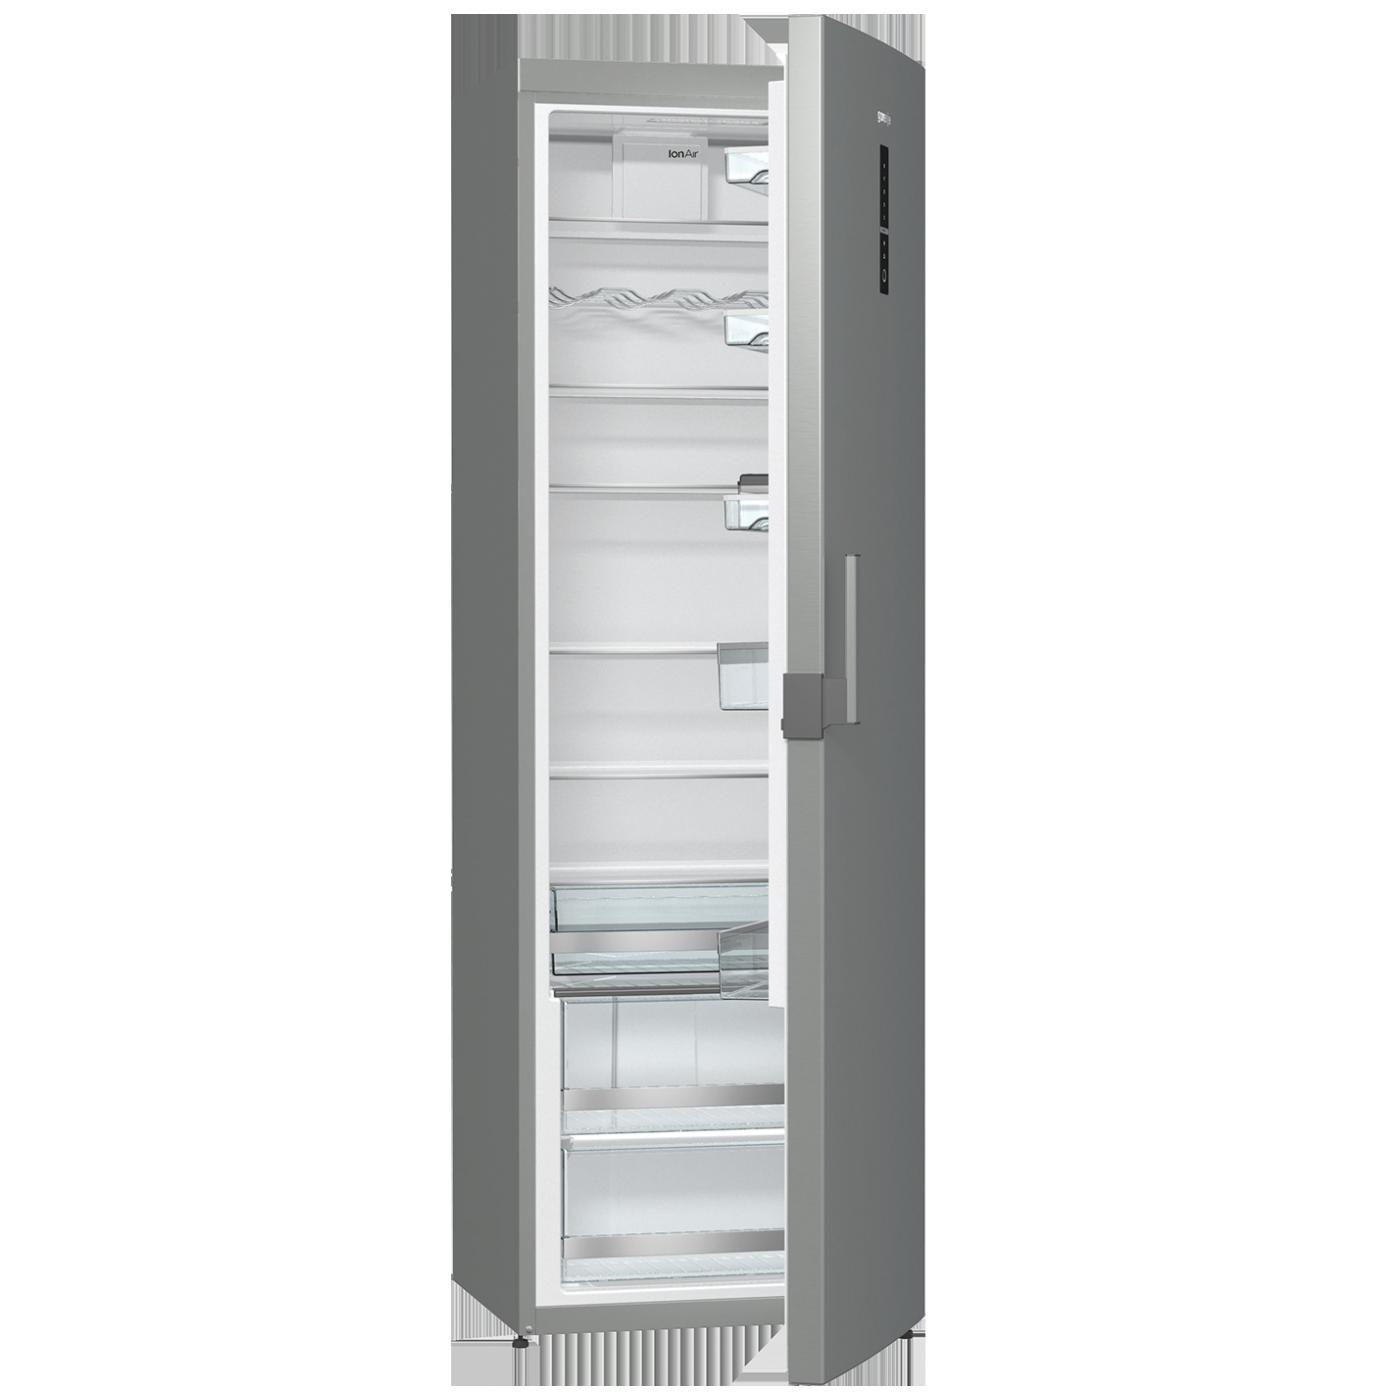 Frižider, neto zapremina 370 l, A++, INOX